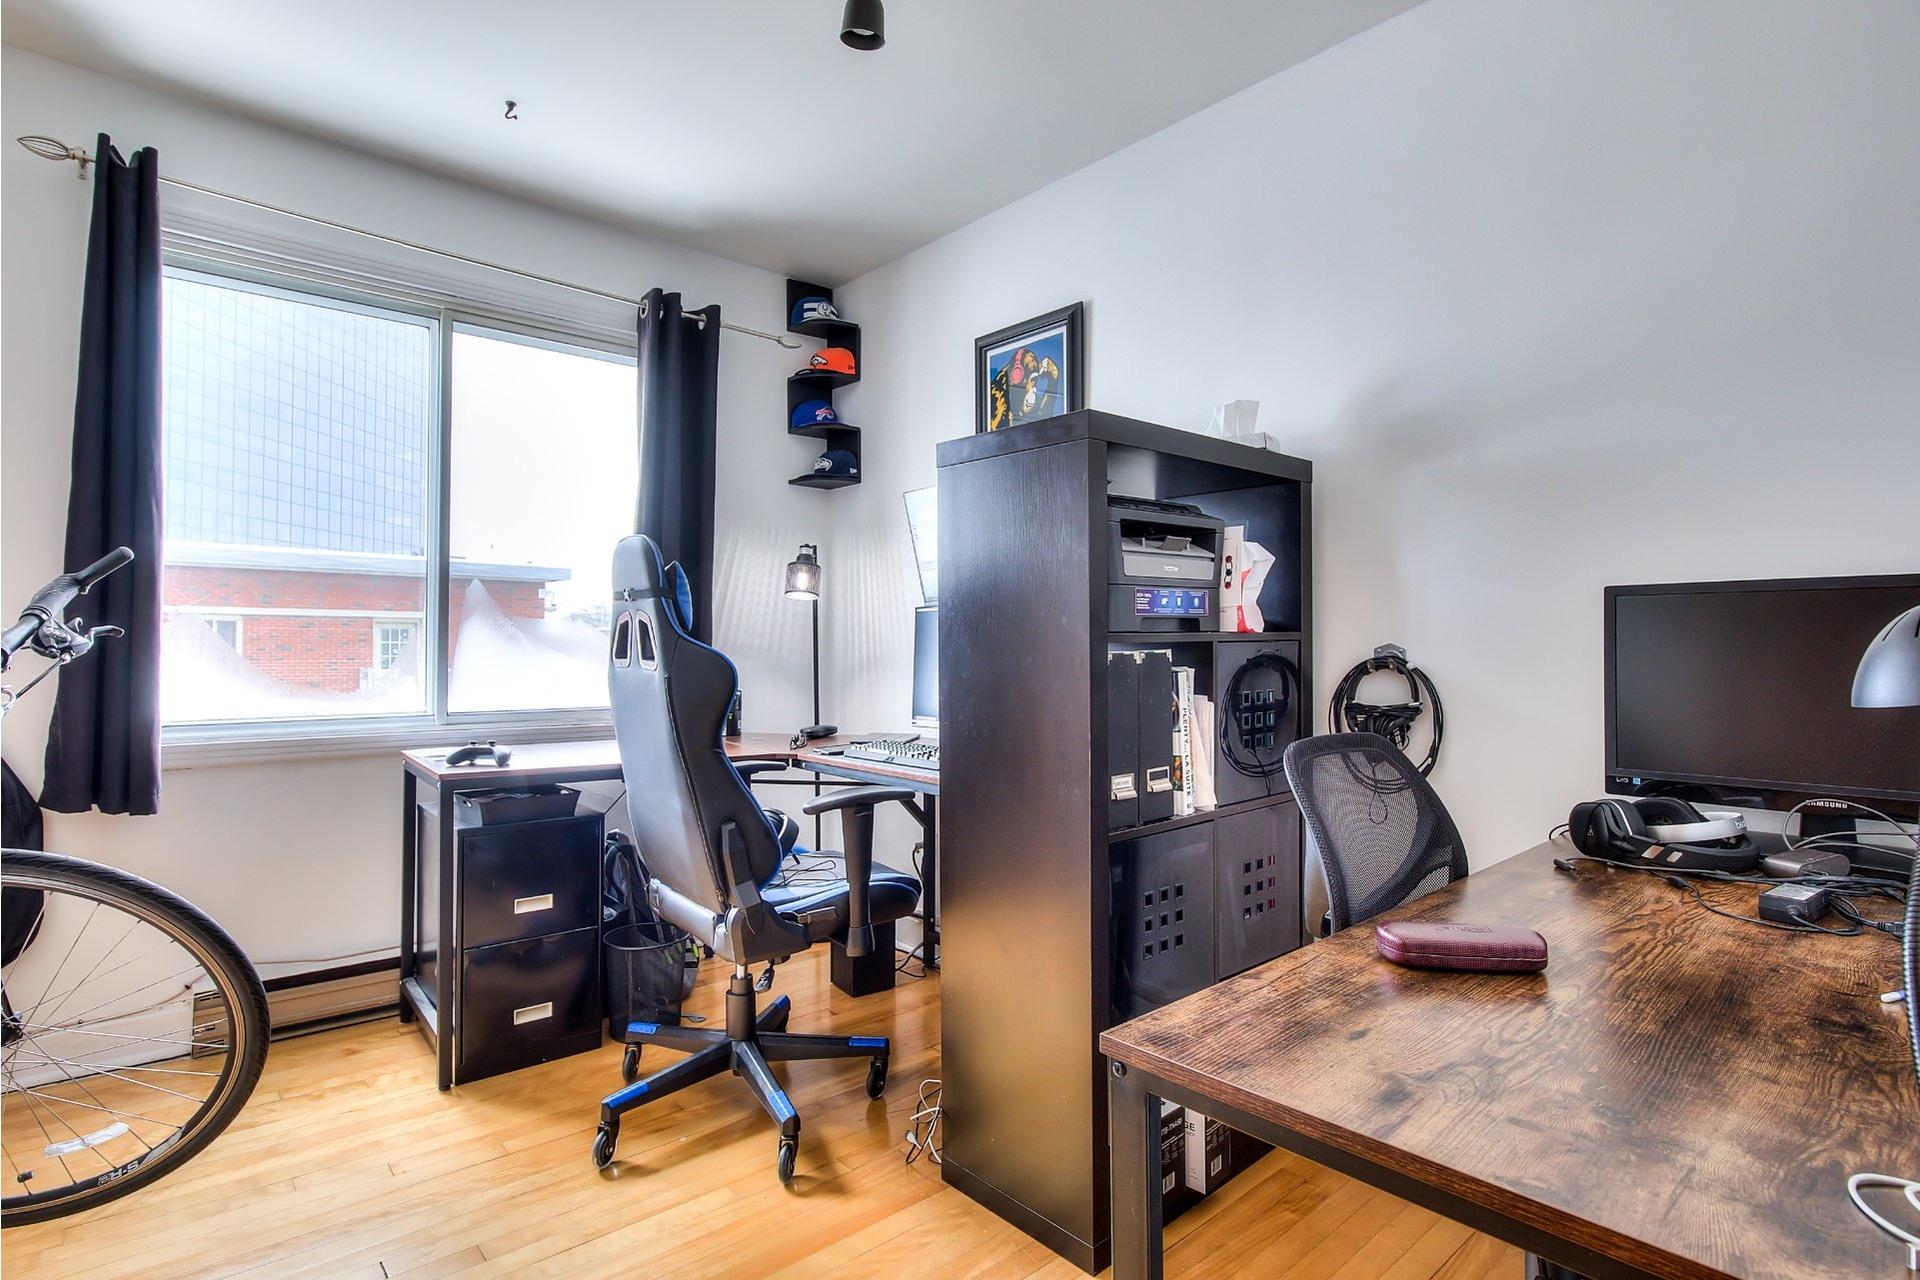 image 16 - Income property For sale Villeray/Saint-Michel/Parc-Extension Montréal  - 4 rooms